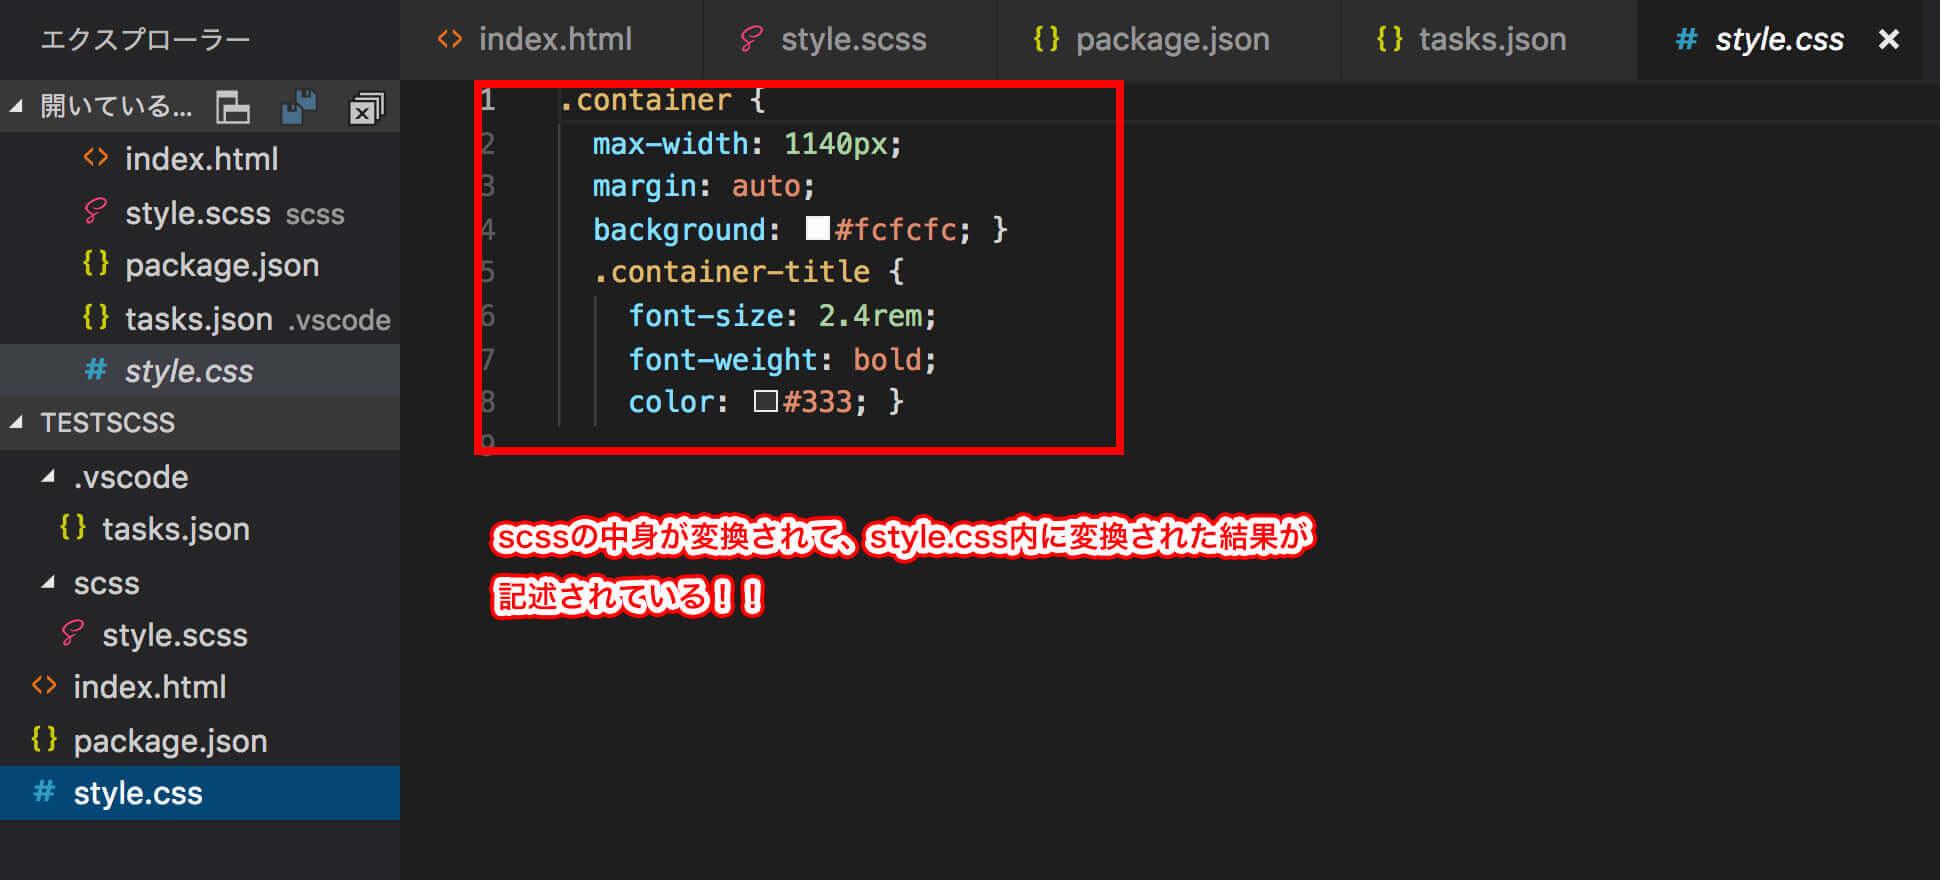 scssのコンパイルの結果、style.cssが生成され、scssを変換したコードが書かれている